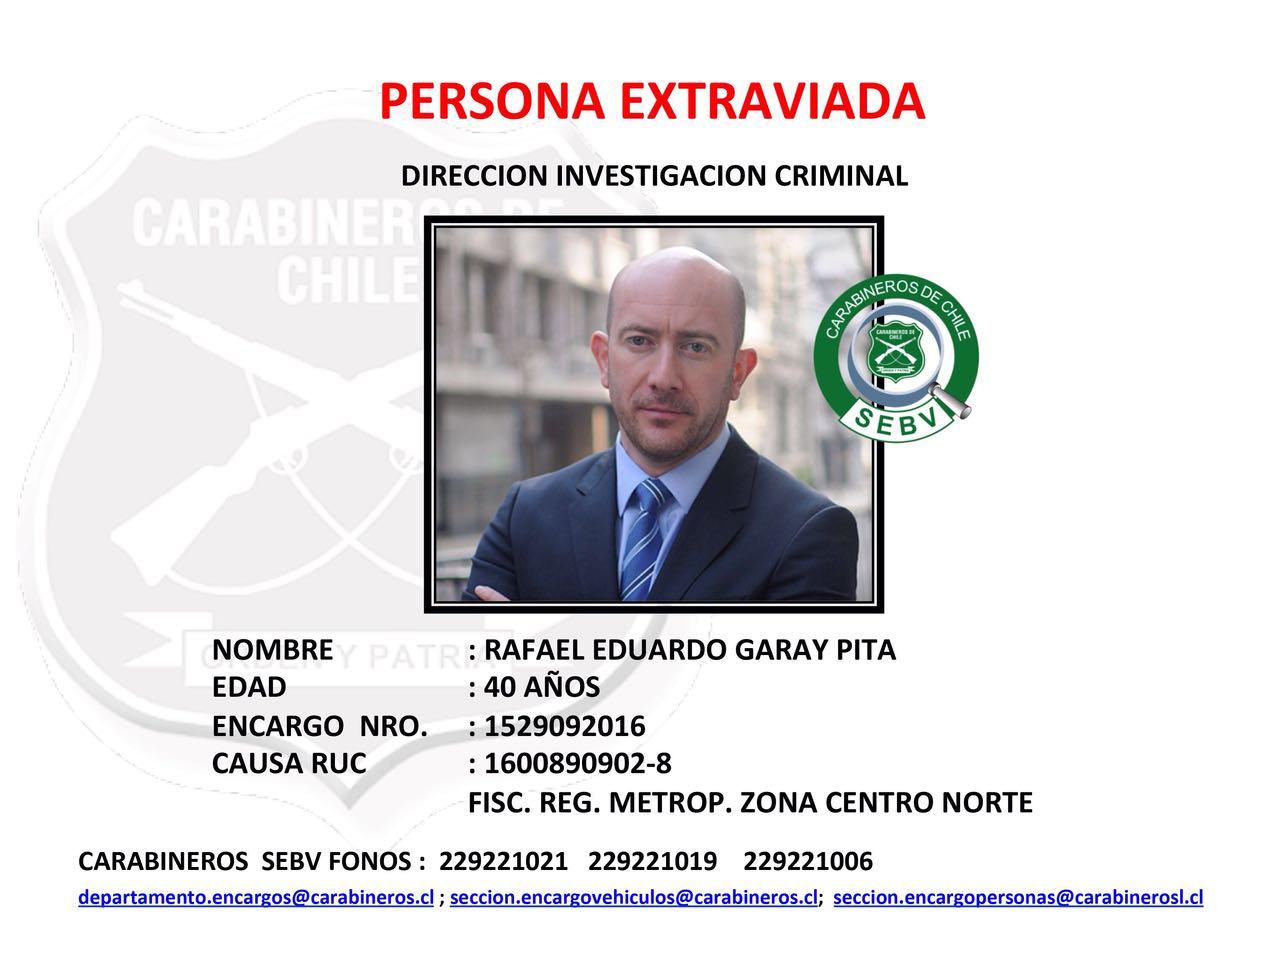 Garay reportado como persona extraviada.